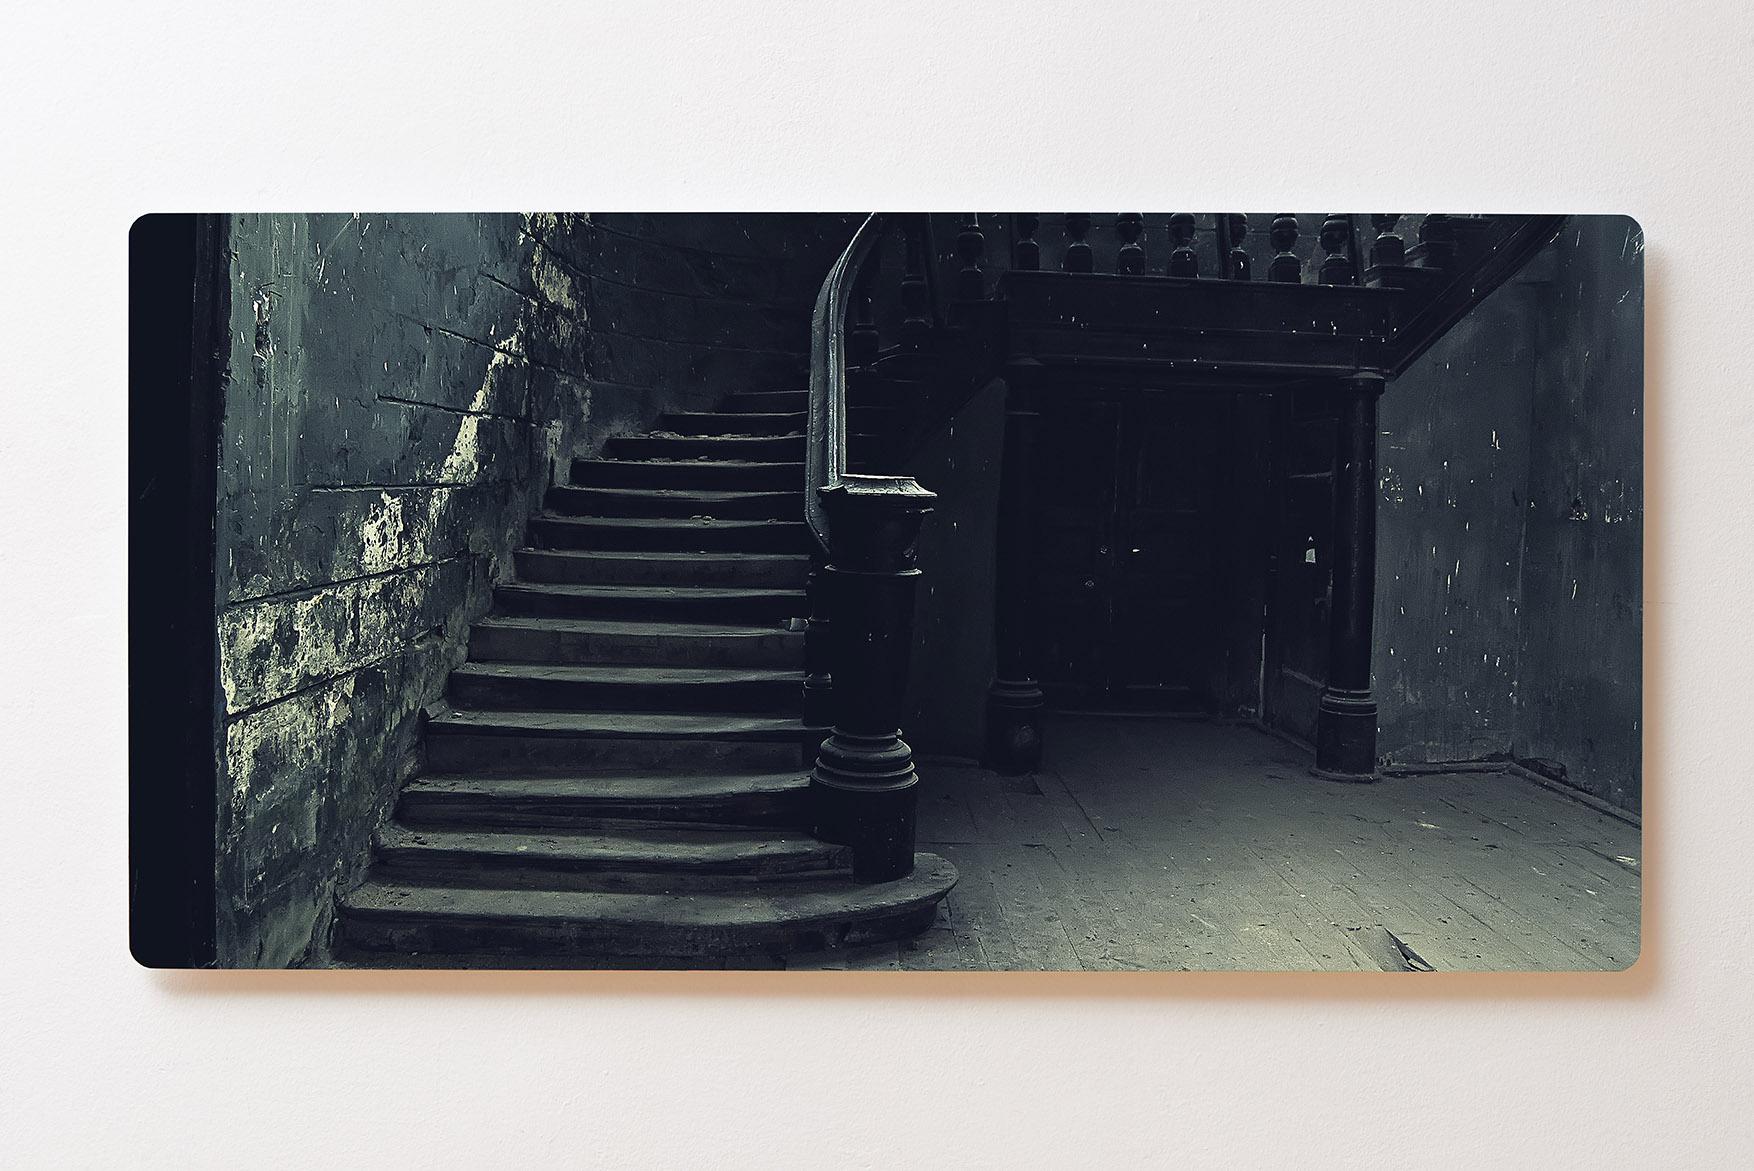 Magnettafel BACKLIGHT 120x60cm Motiv-Wandbild M122 Treppen Verlassener Ort